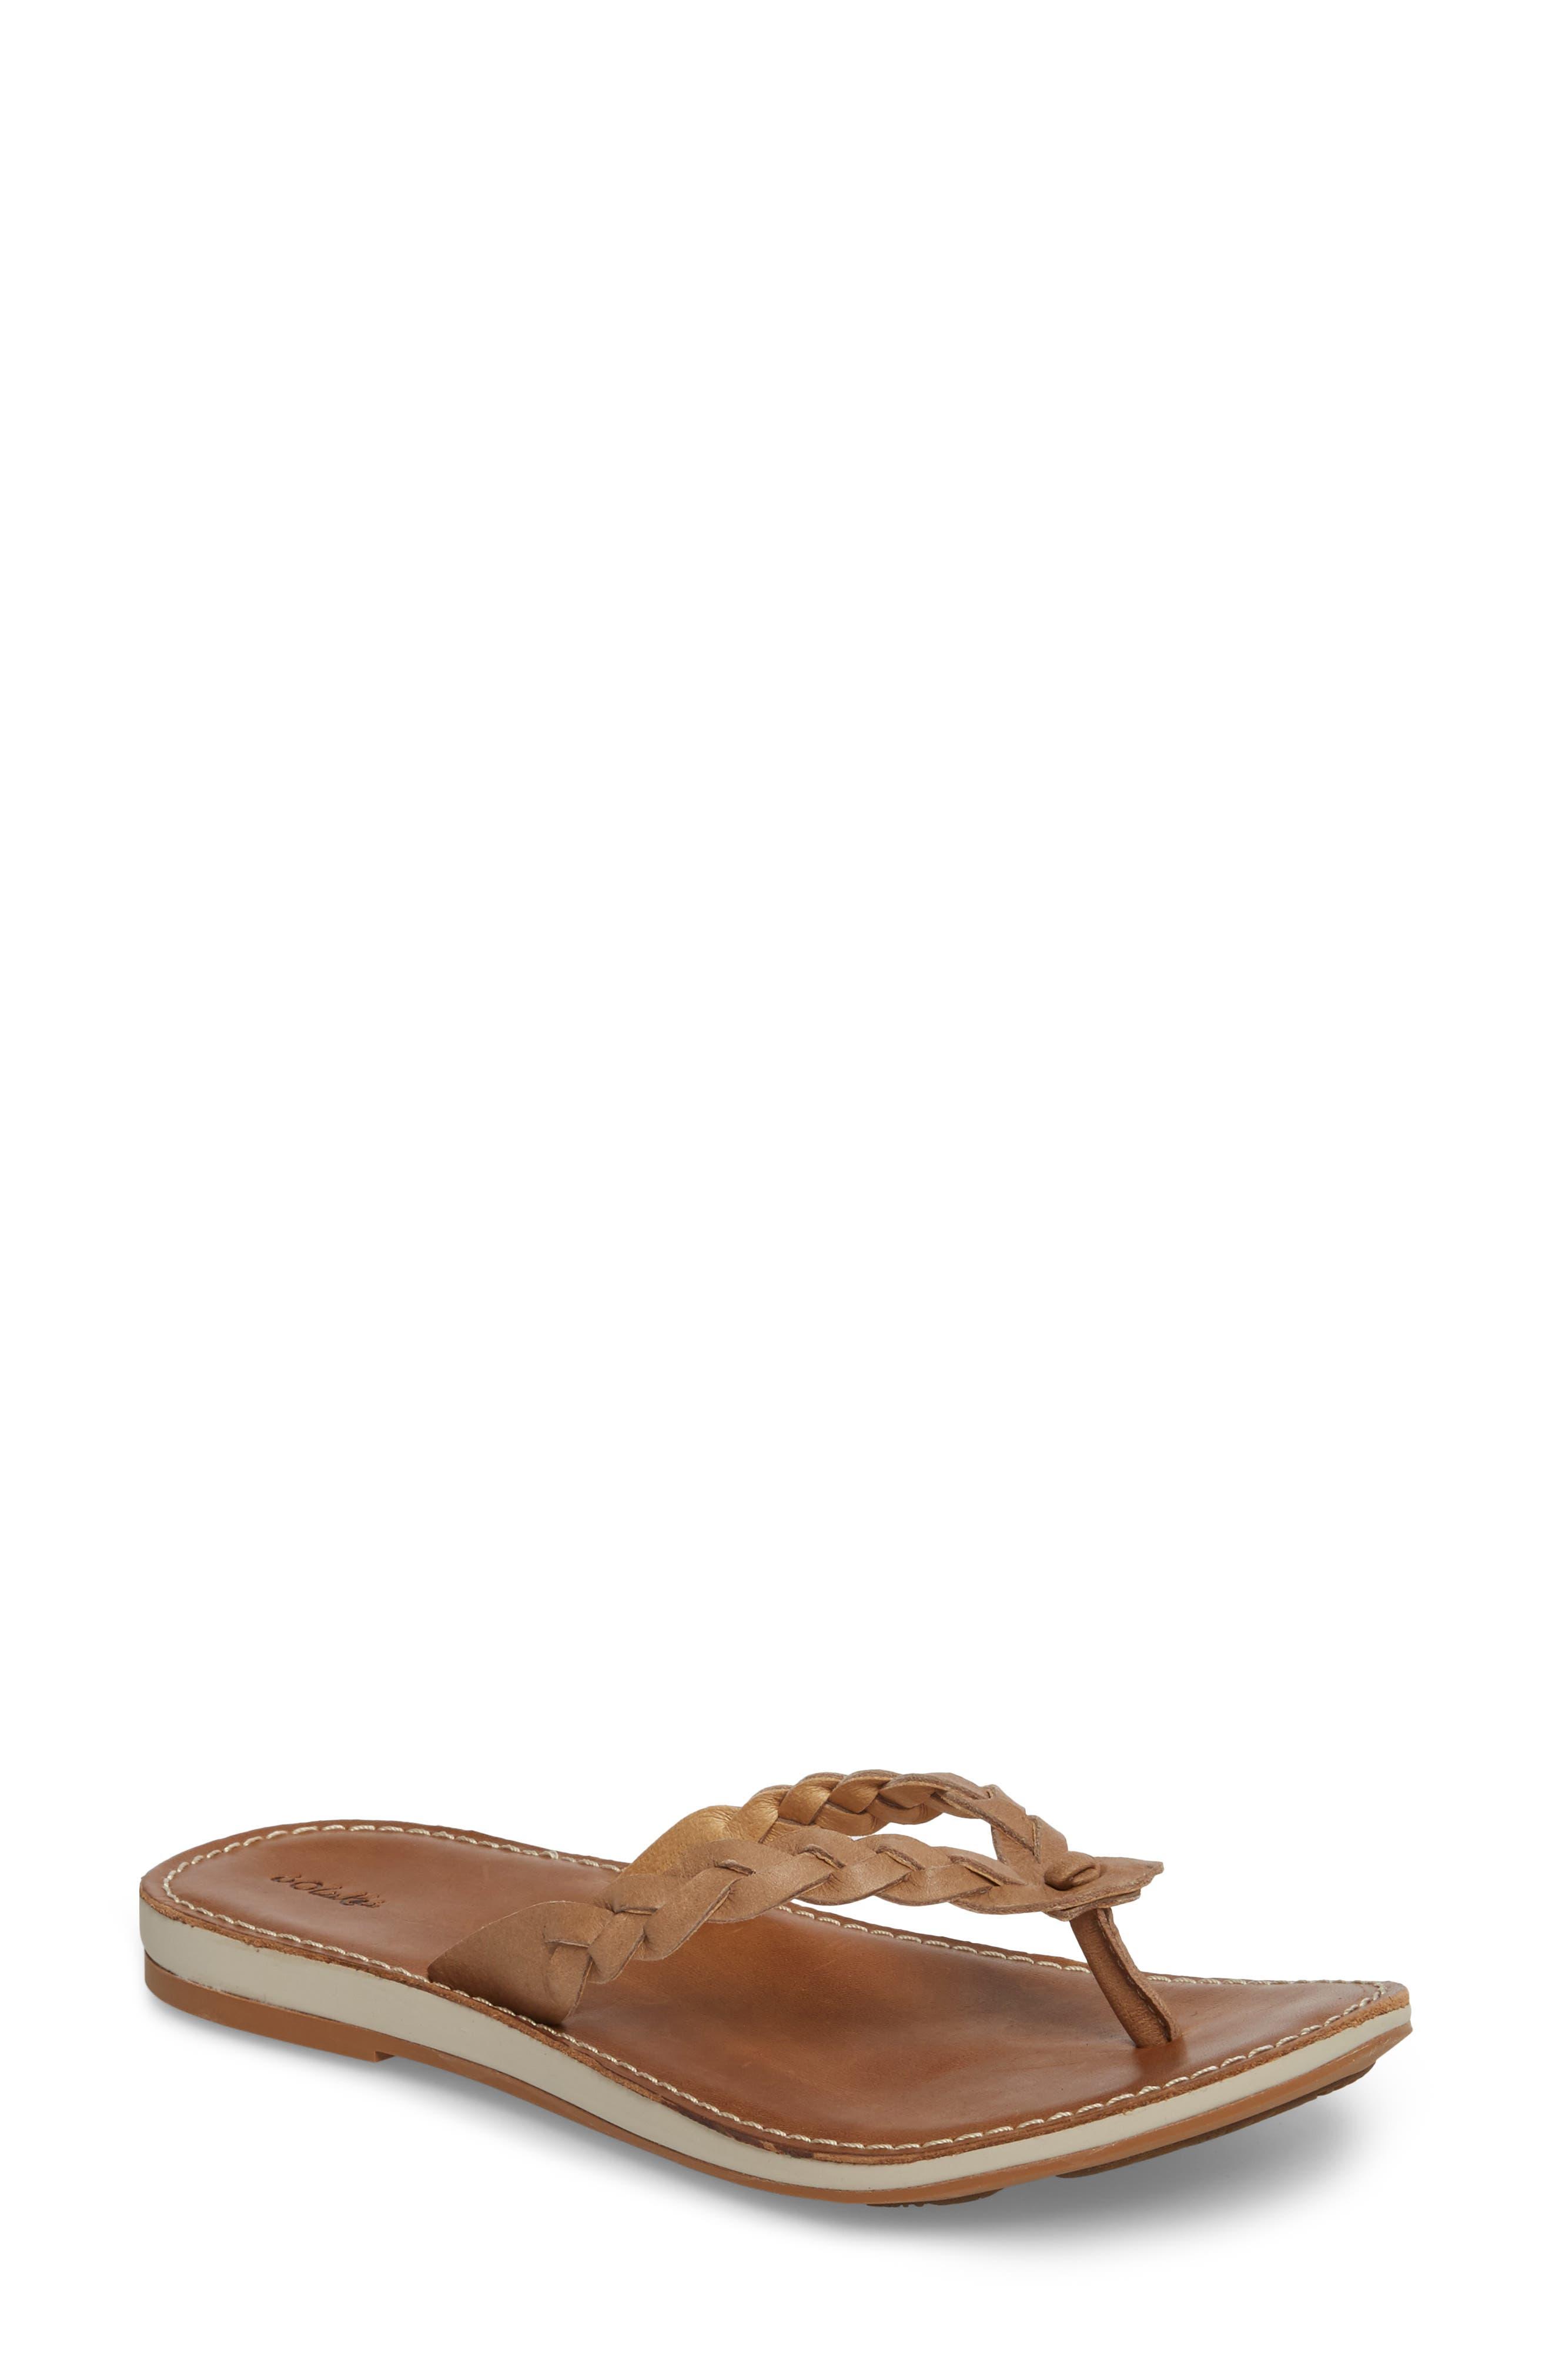 Olukai Kahiko Flip-Flop, Brown